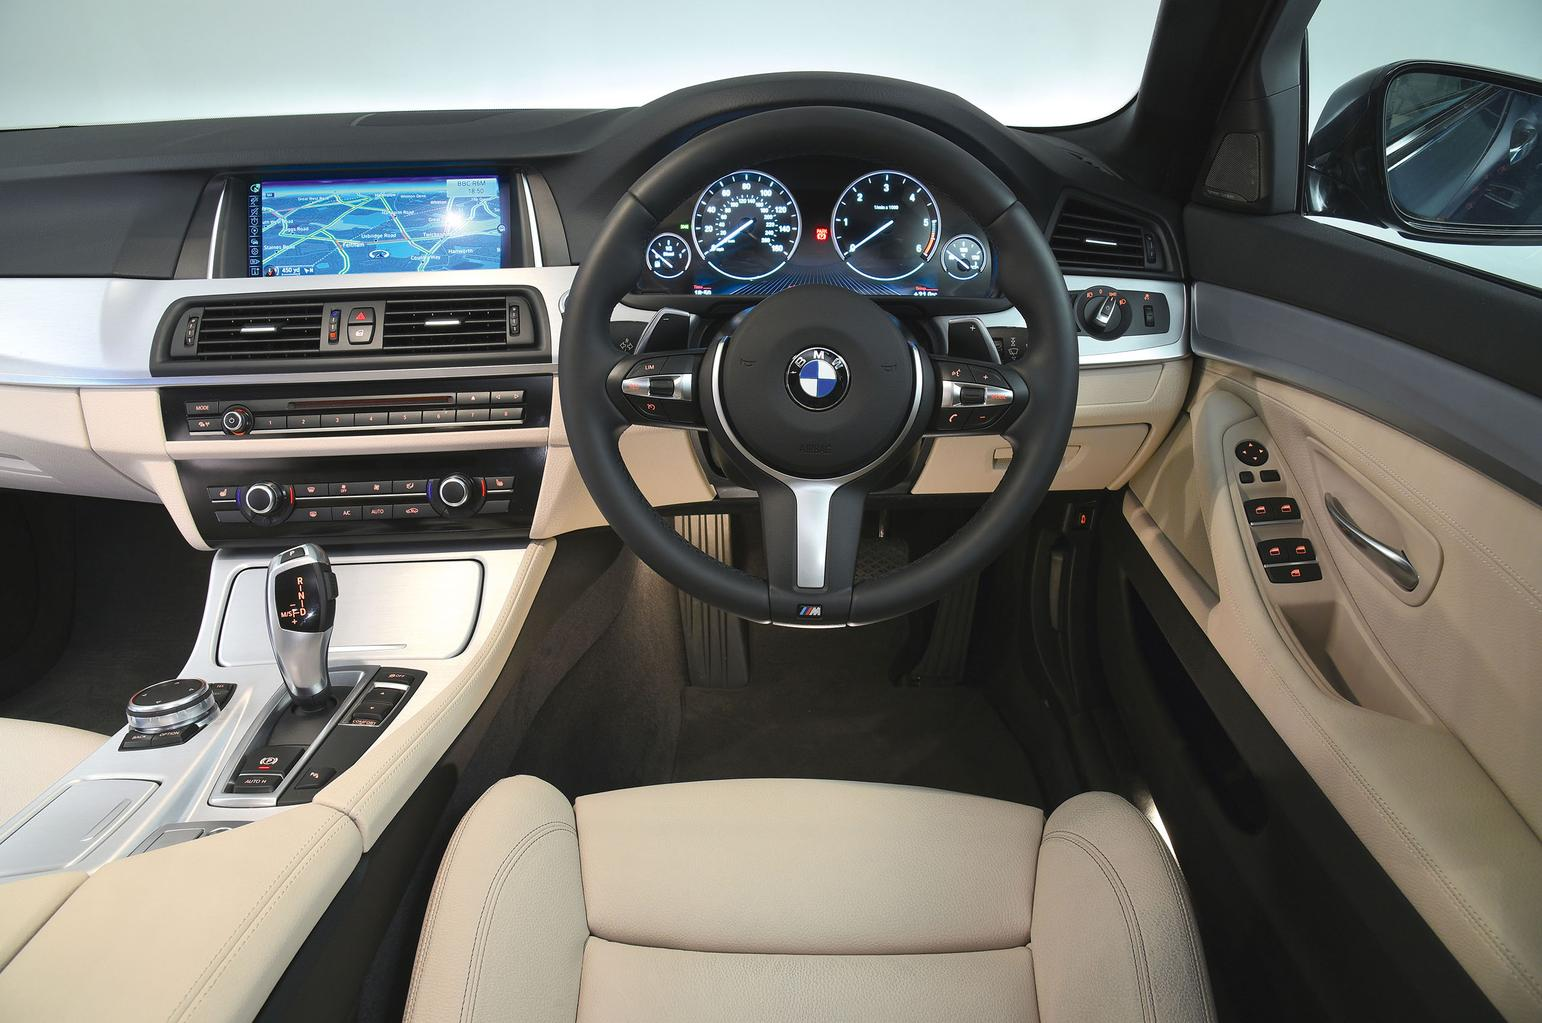 BMW 5 Series vs Jaguar XF vs Mercedes-Benz E-Class